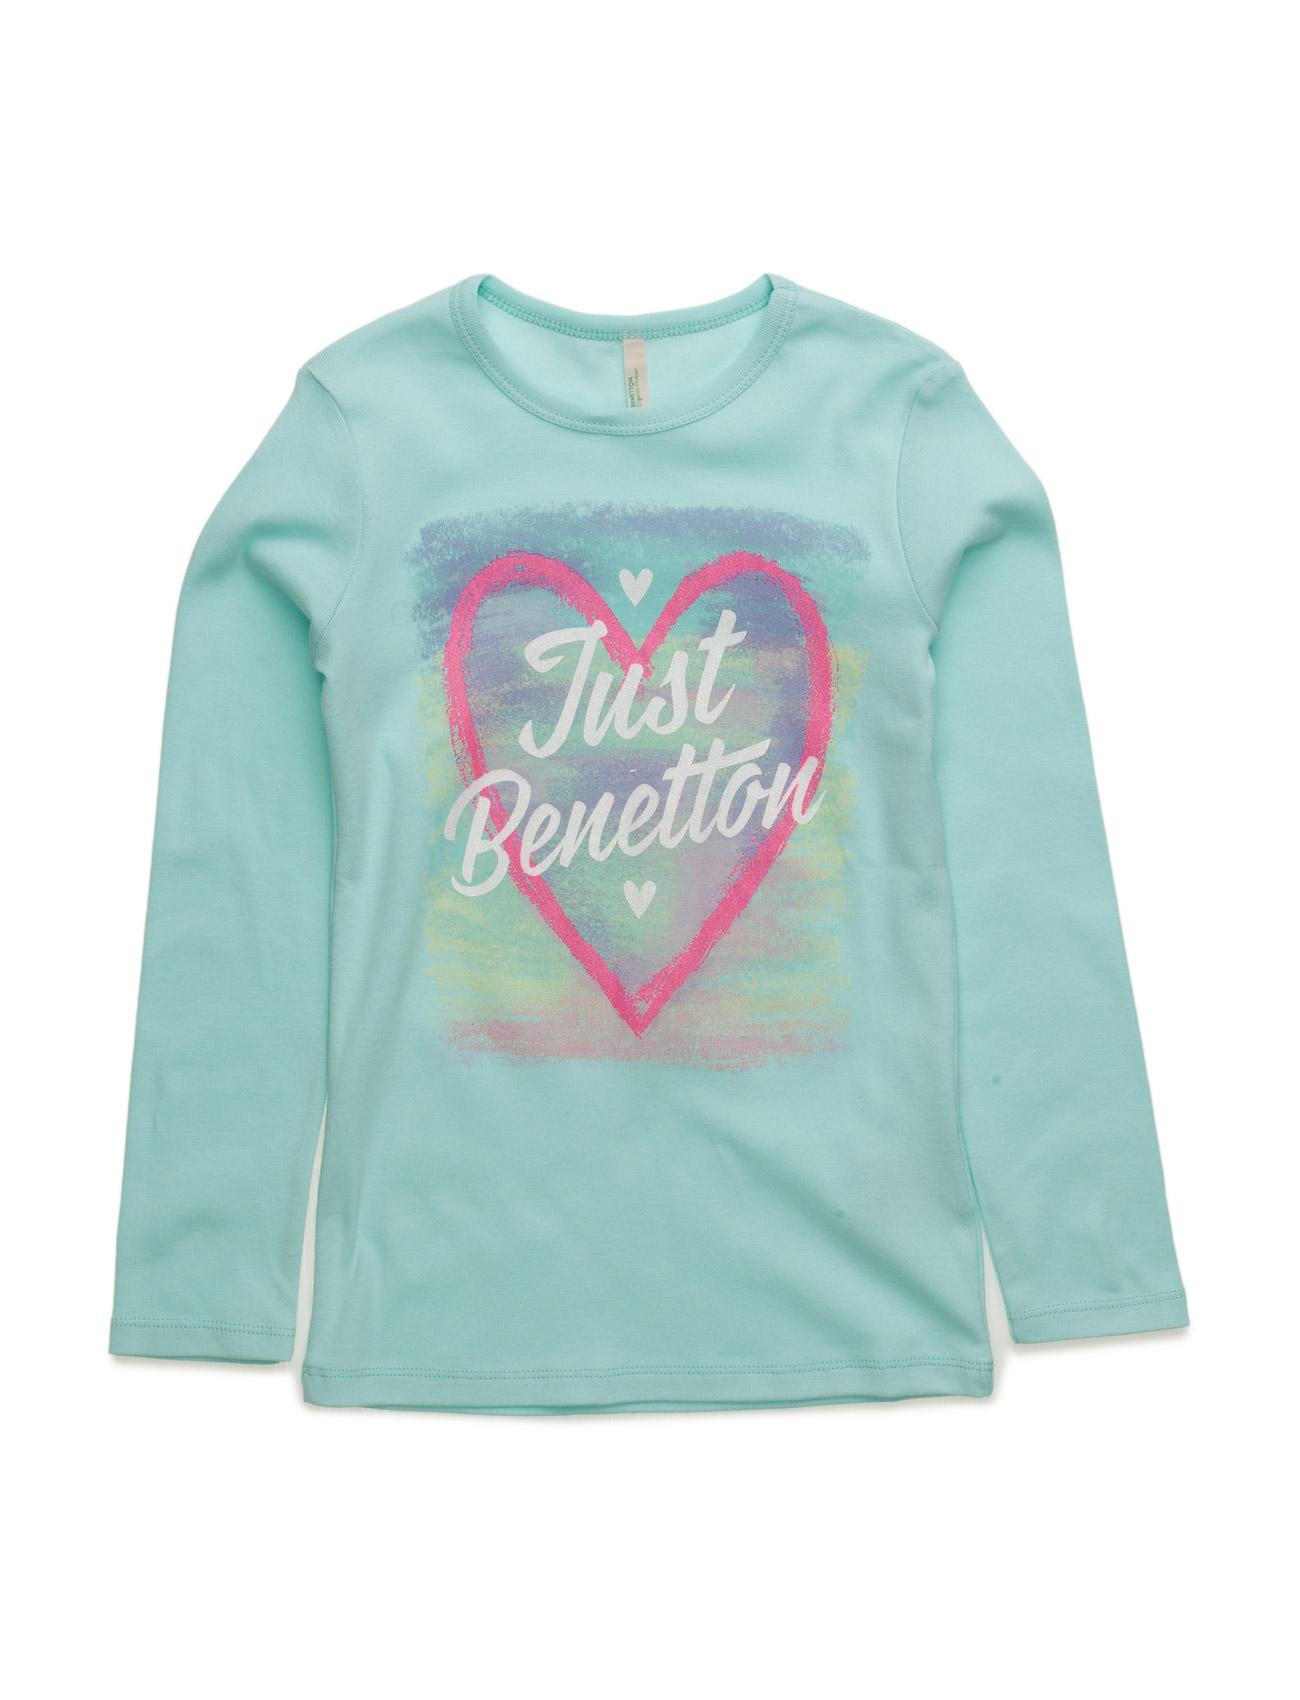 T-Shirt L/S United Colors of Benetton Langærmede t-shirts til Børn i turkis